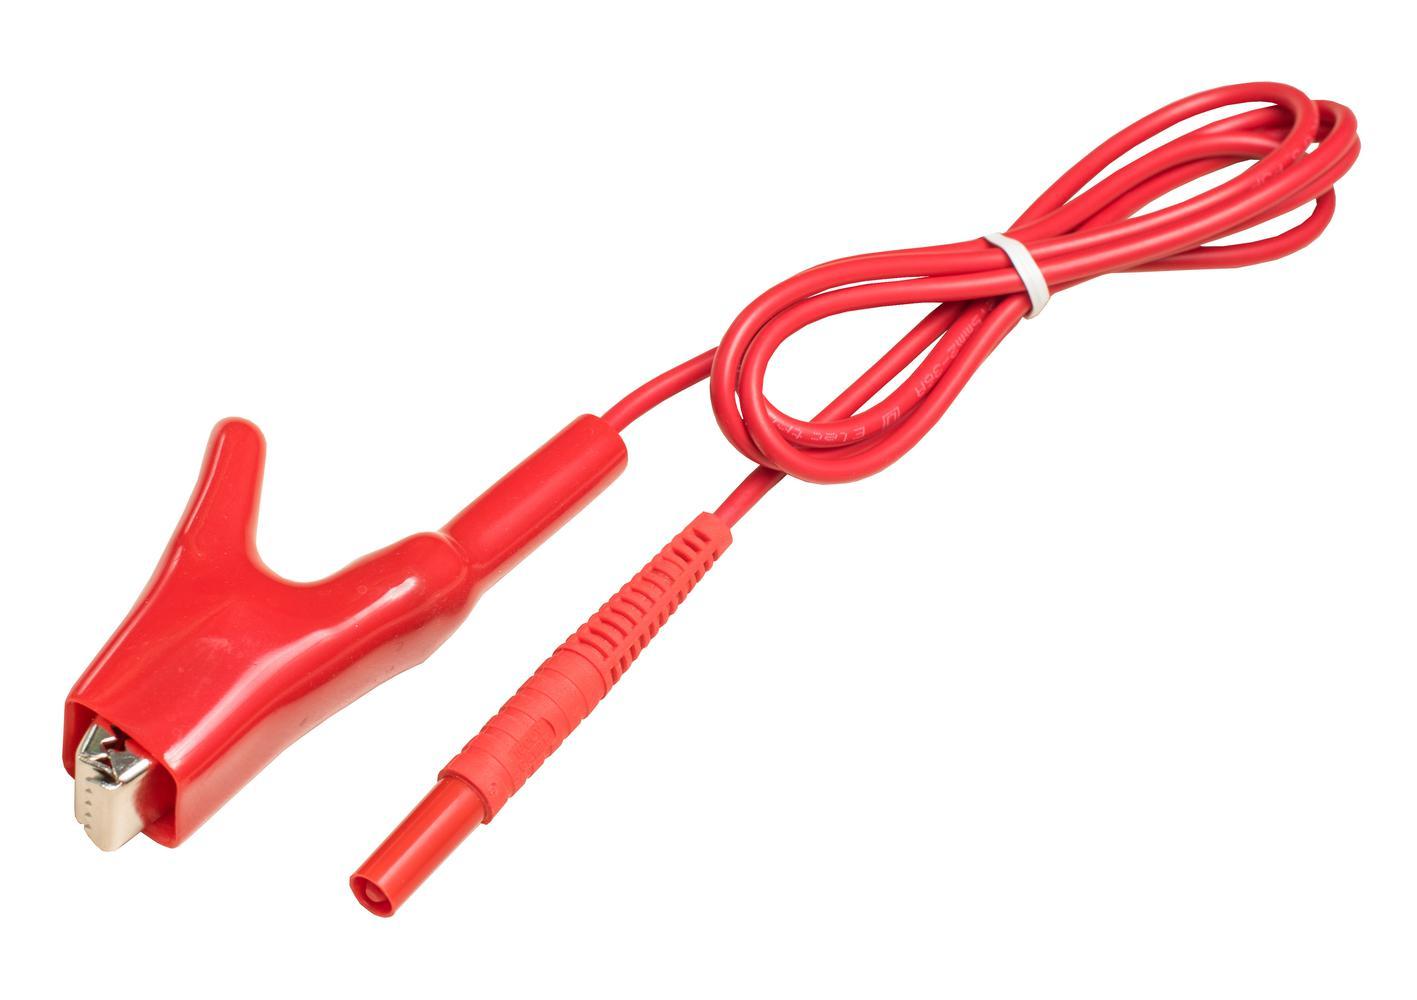 Przewód 1,2m czerwony 1 kV (zakończony krokodylem)